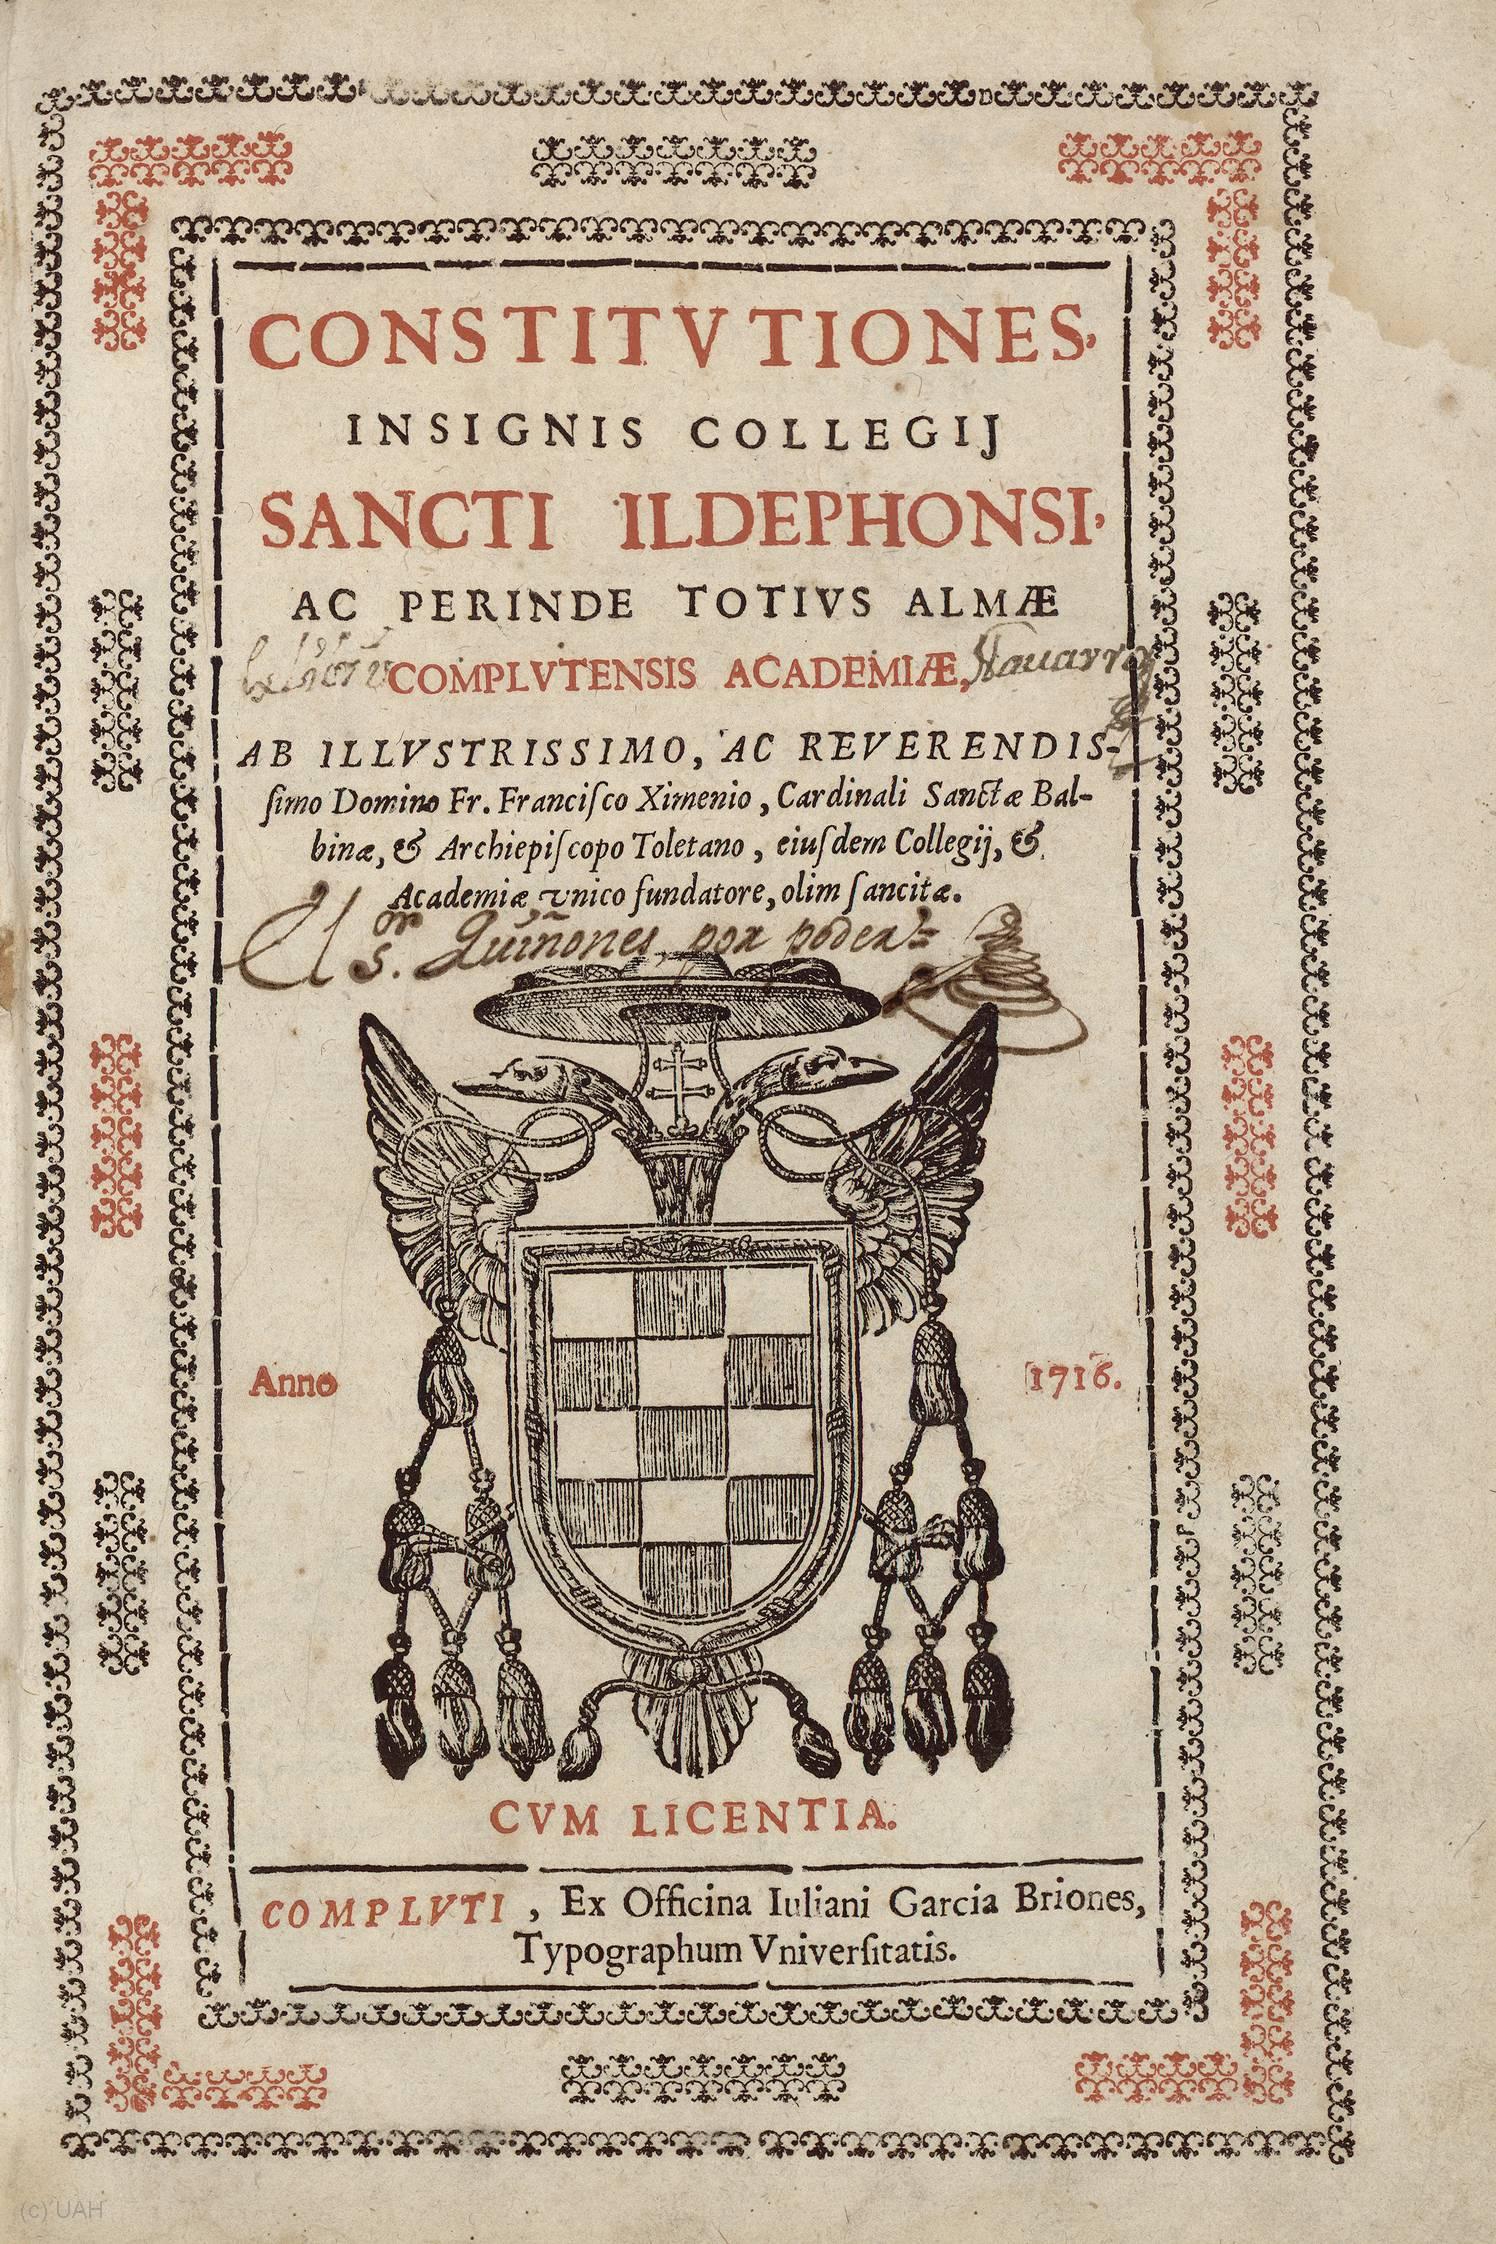 Constitutiones insignis Collegij Sancti Ildephonsi, 1716